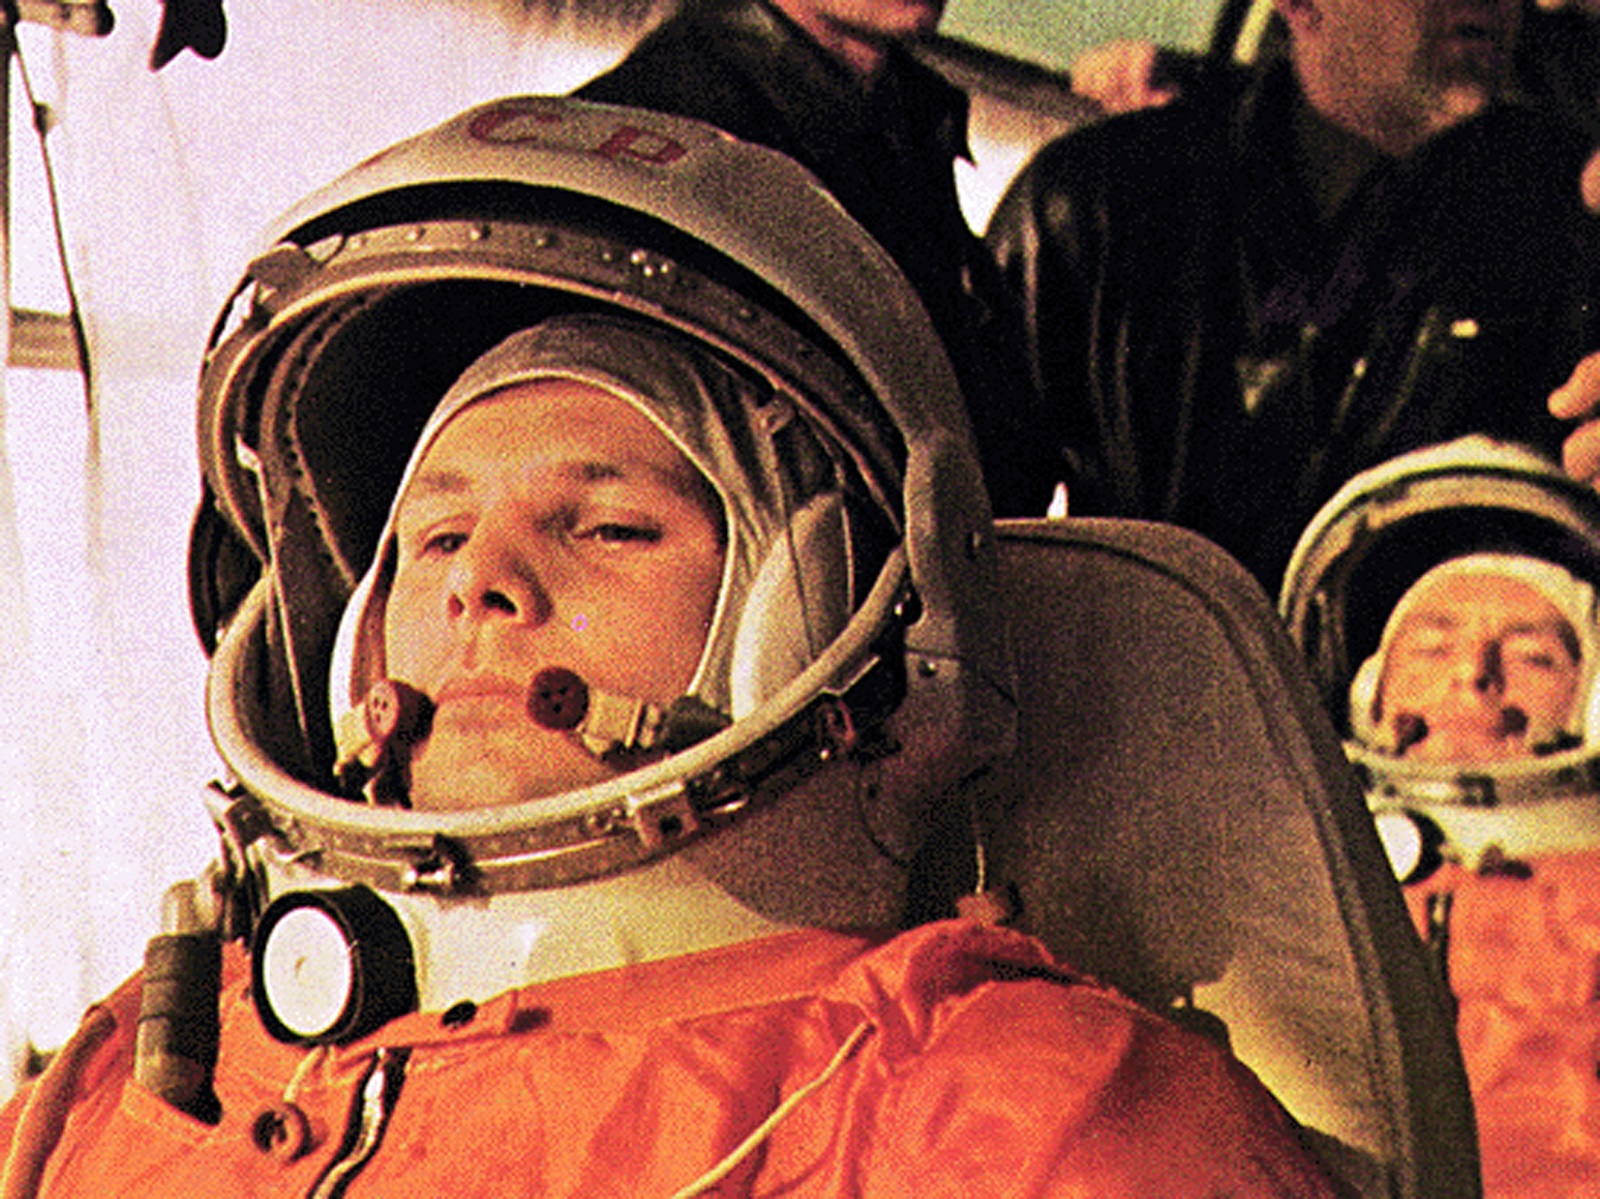 3.Мечта побывать в космосе появилась у юного Фавье после полета первого советского космонавта Юрия Гагарина. Фото: НАСА.